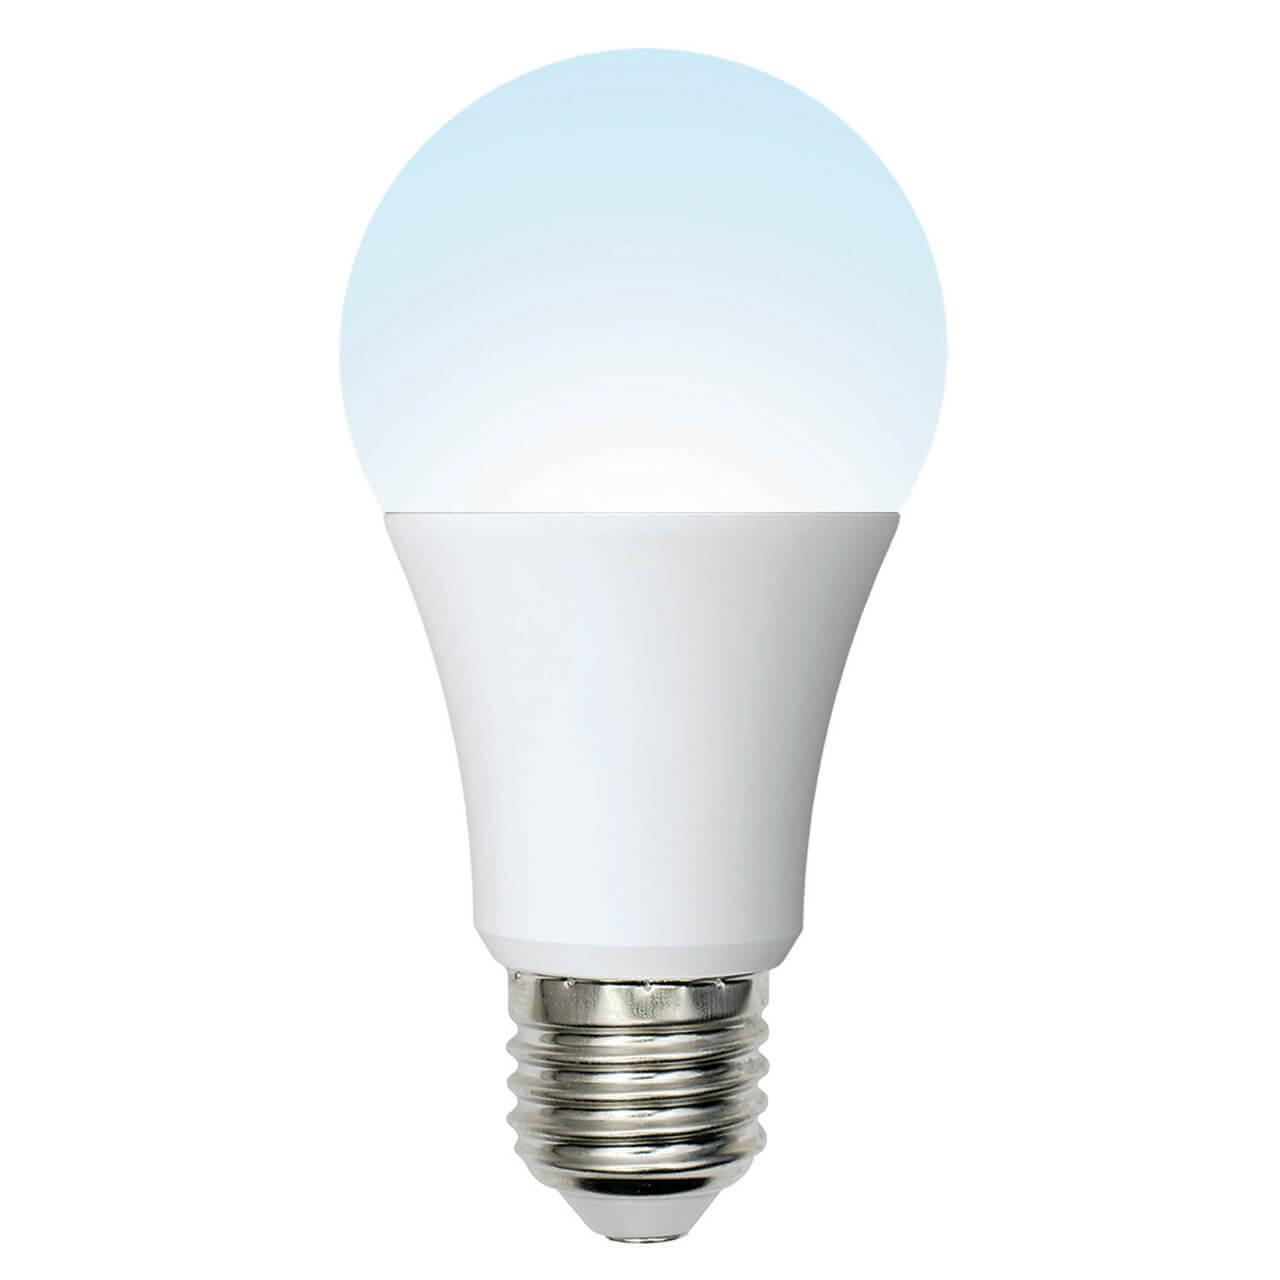 Фото - Лампочка Uniel LED-A60-10W/NW/E27/FR/12-24V PLO55WH Низковольтные лампочка uniel led a60 9w nw e27 fr alm